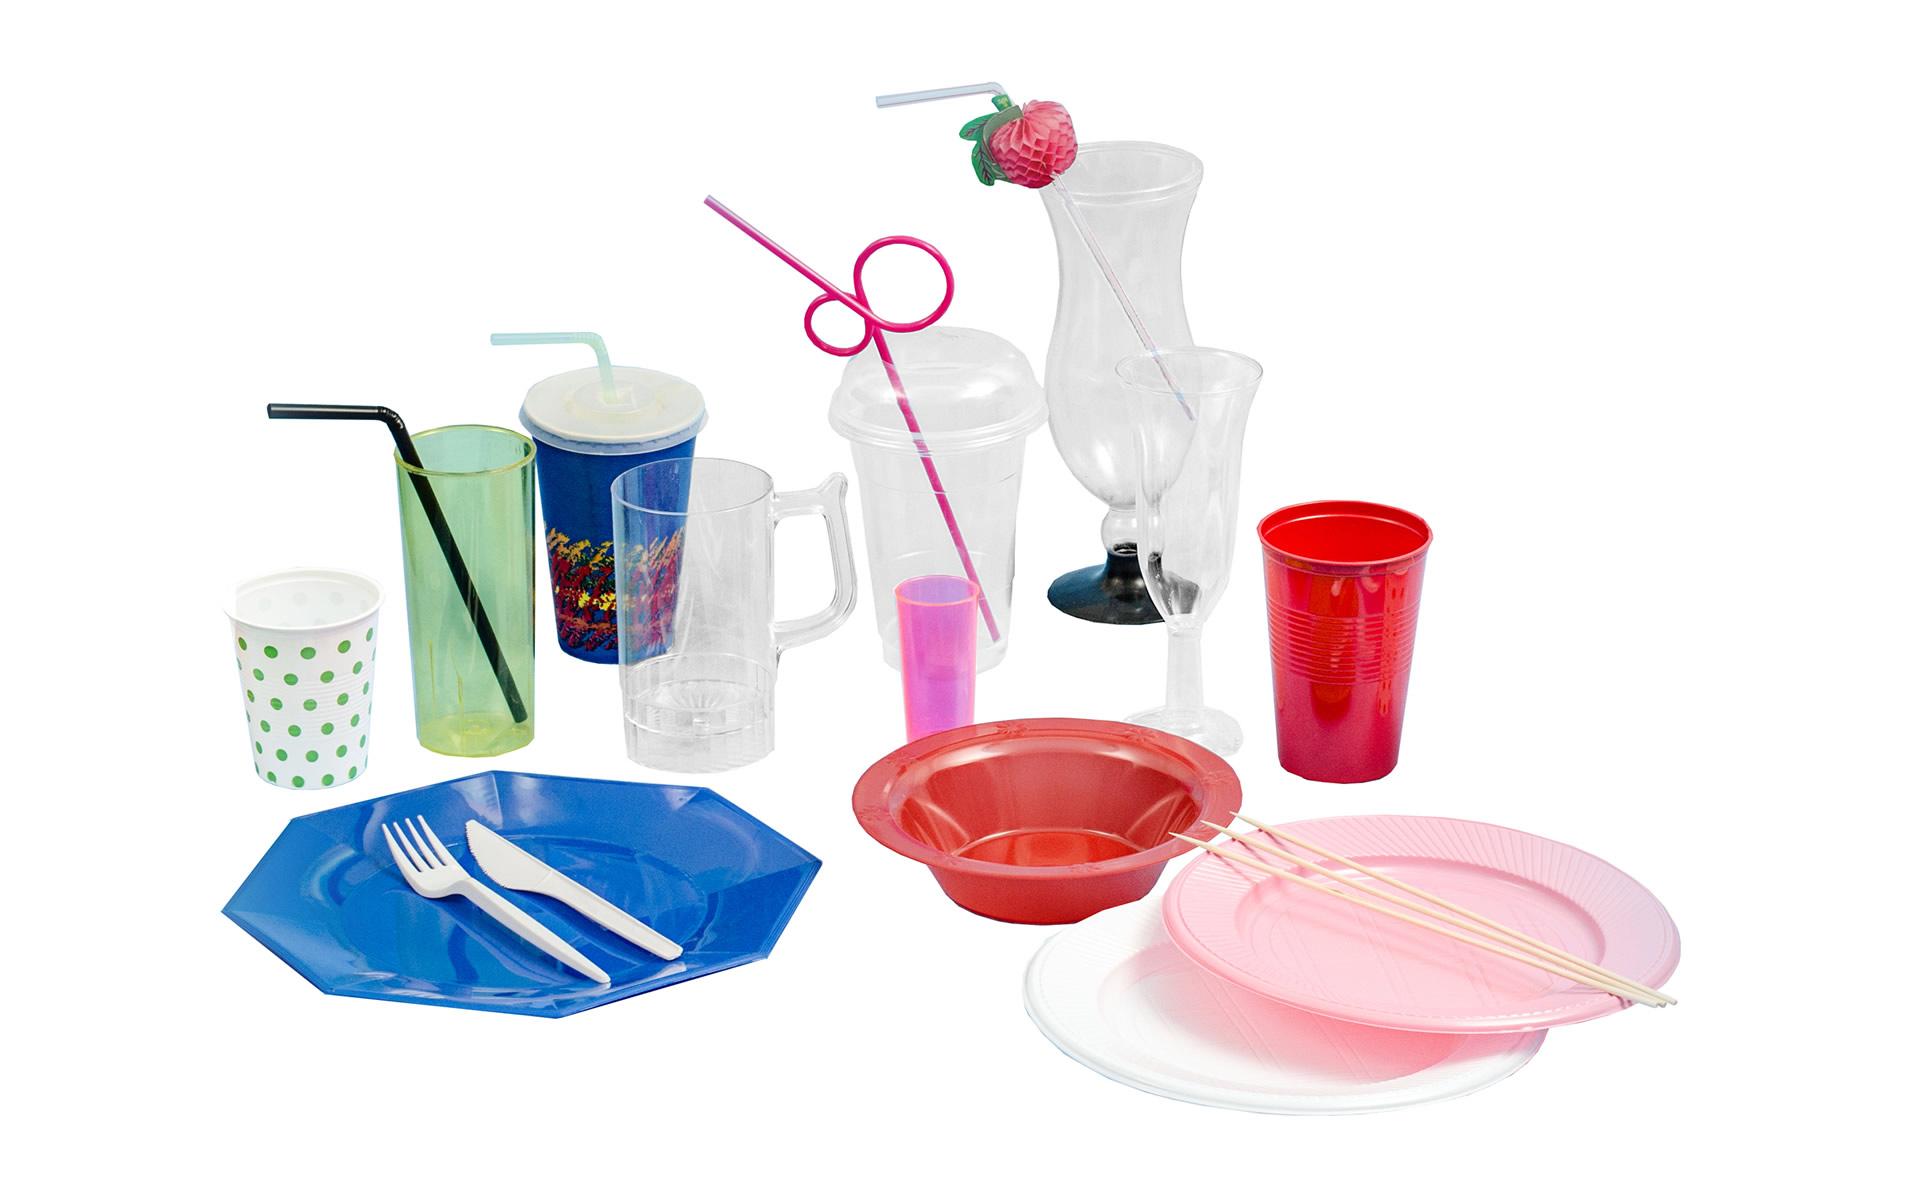 platos-vasos-cubiertos-descartables